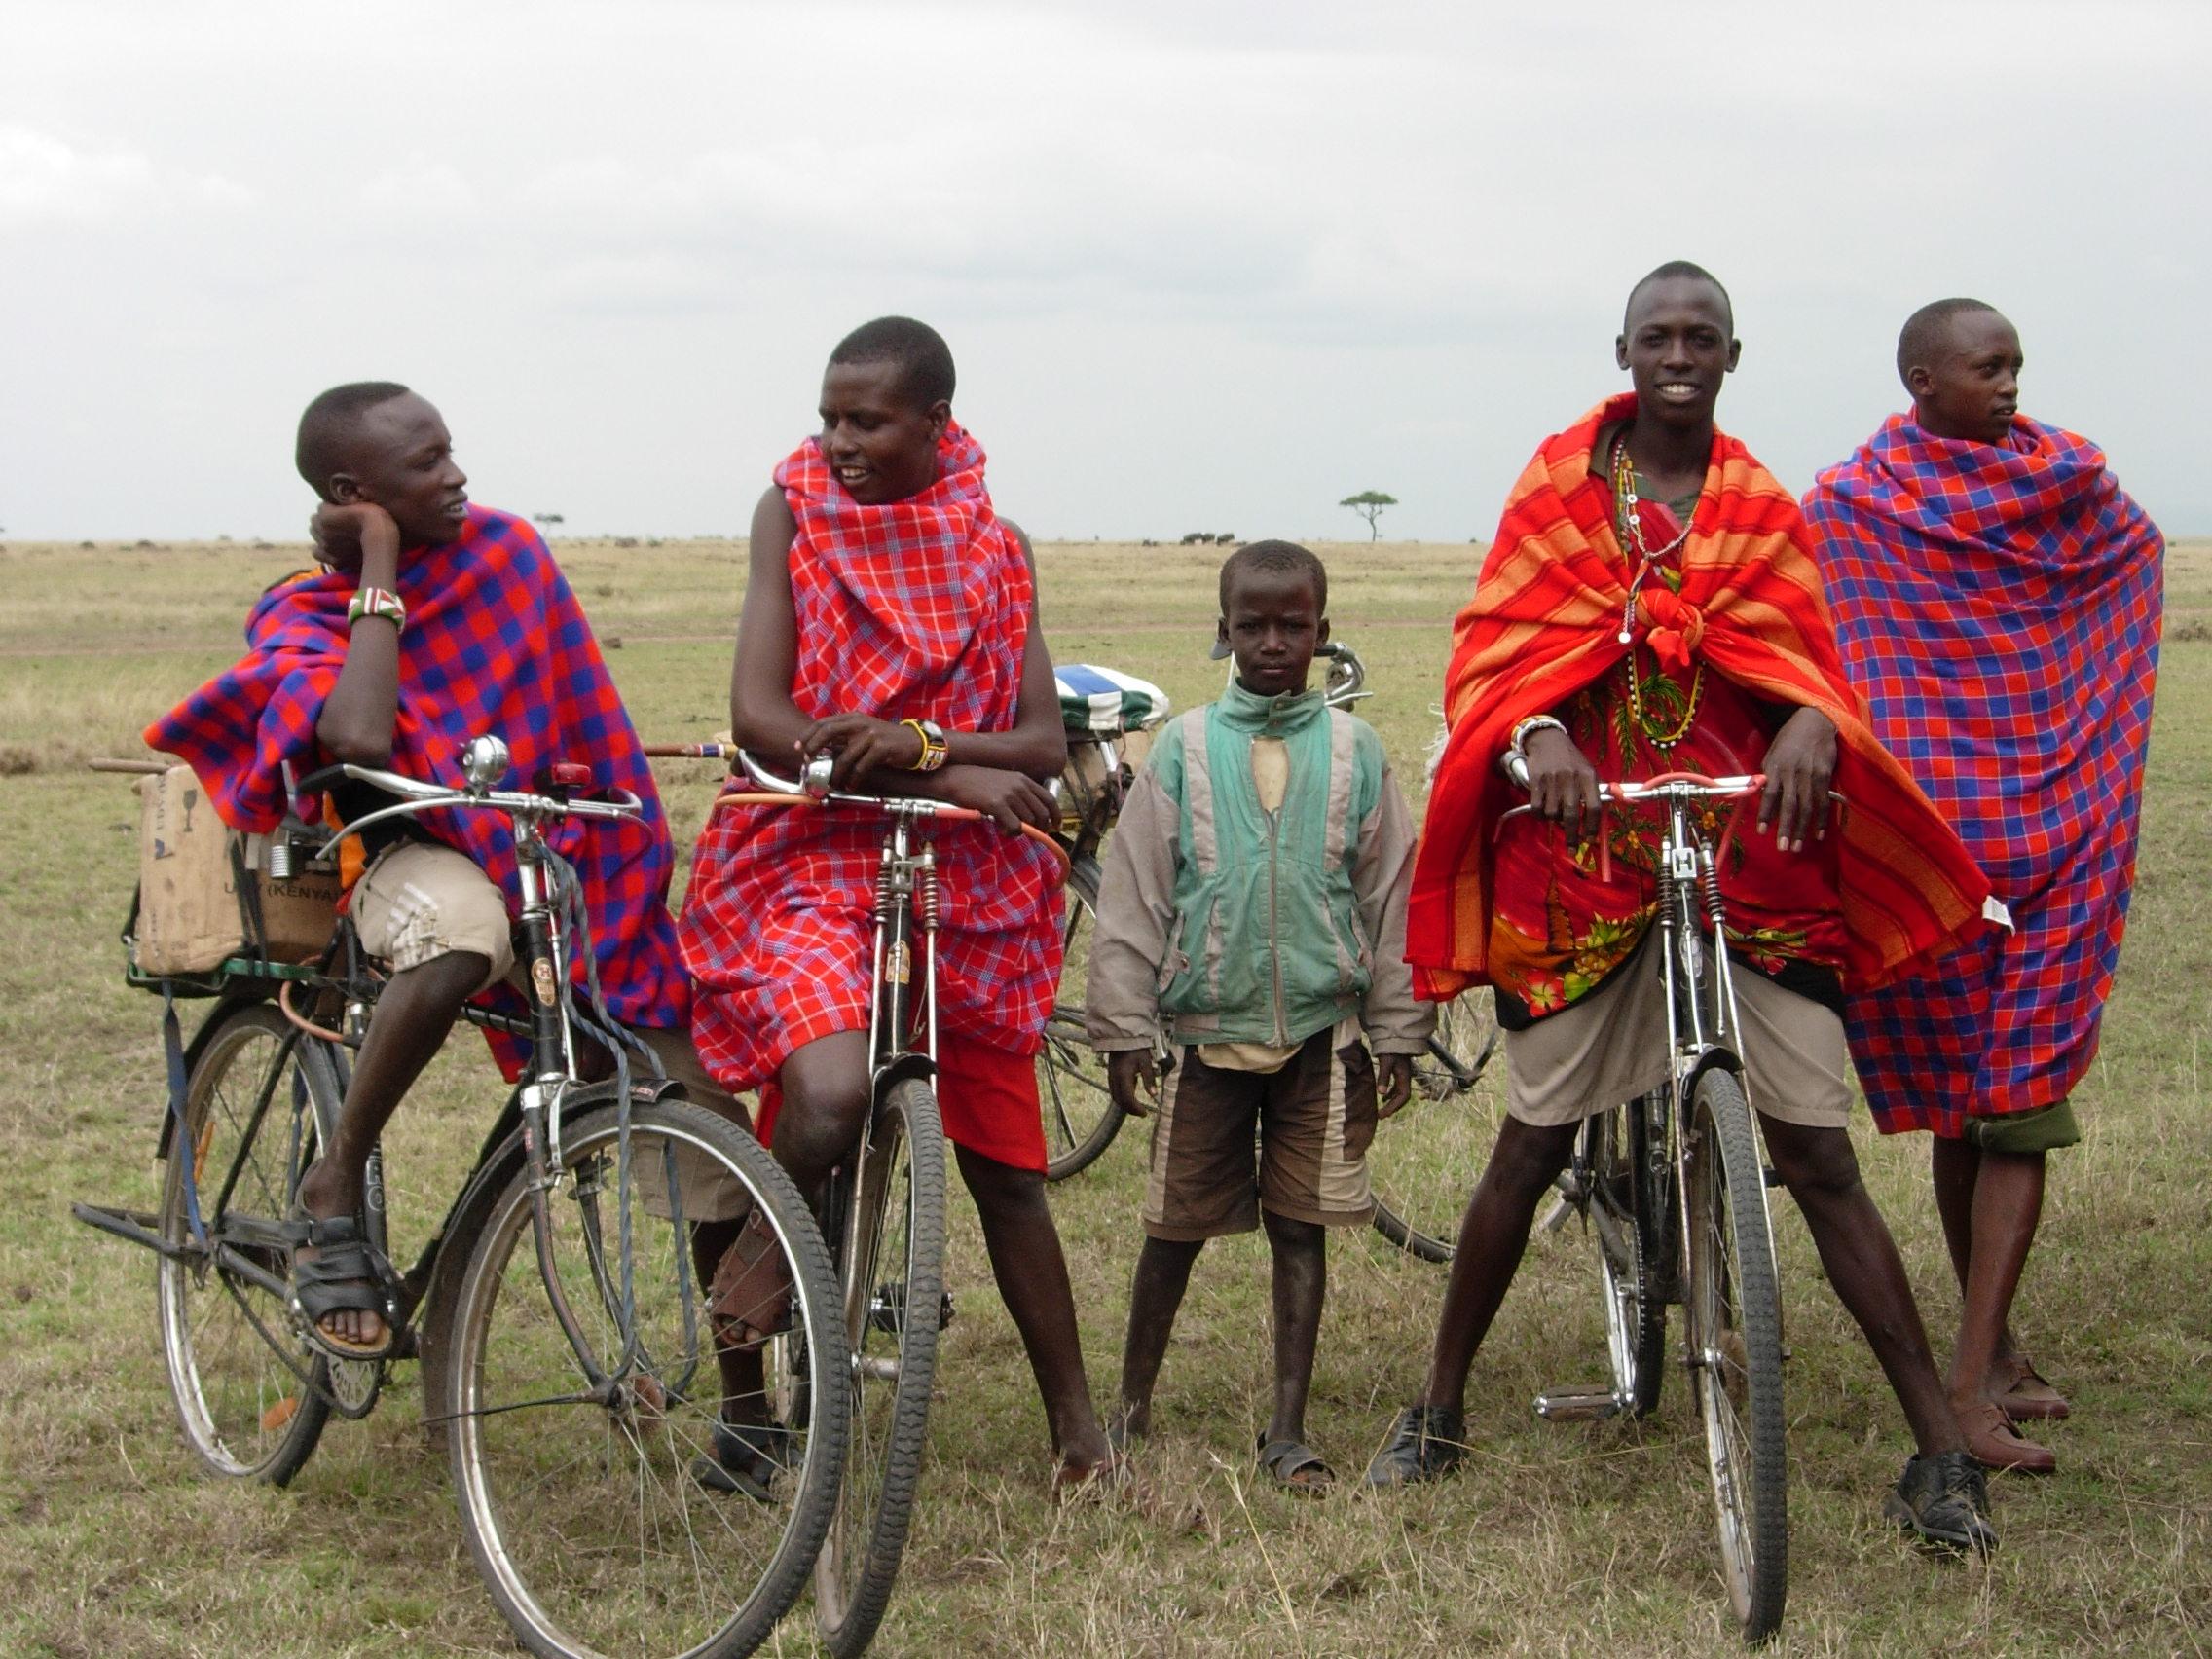 Maasai youth and bicycles